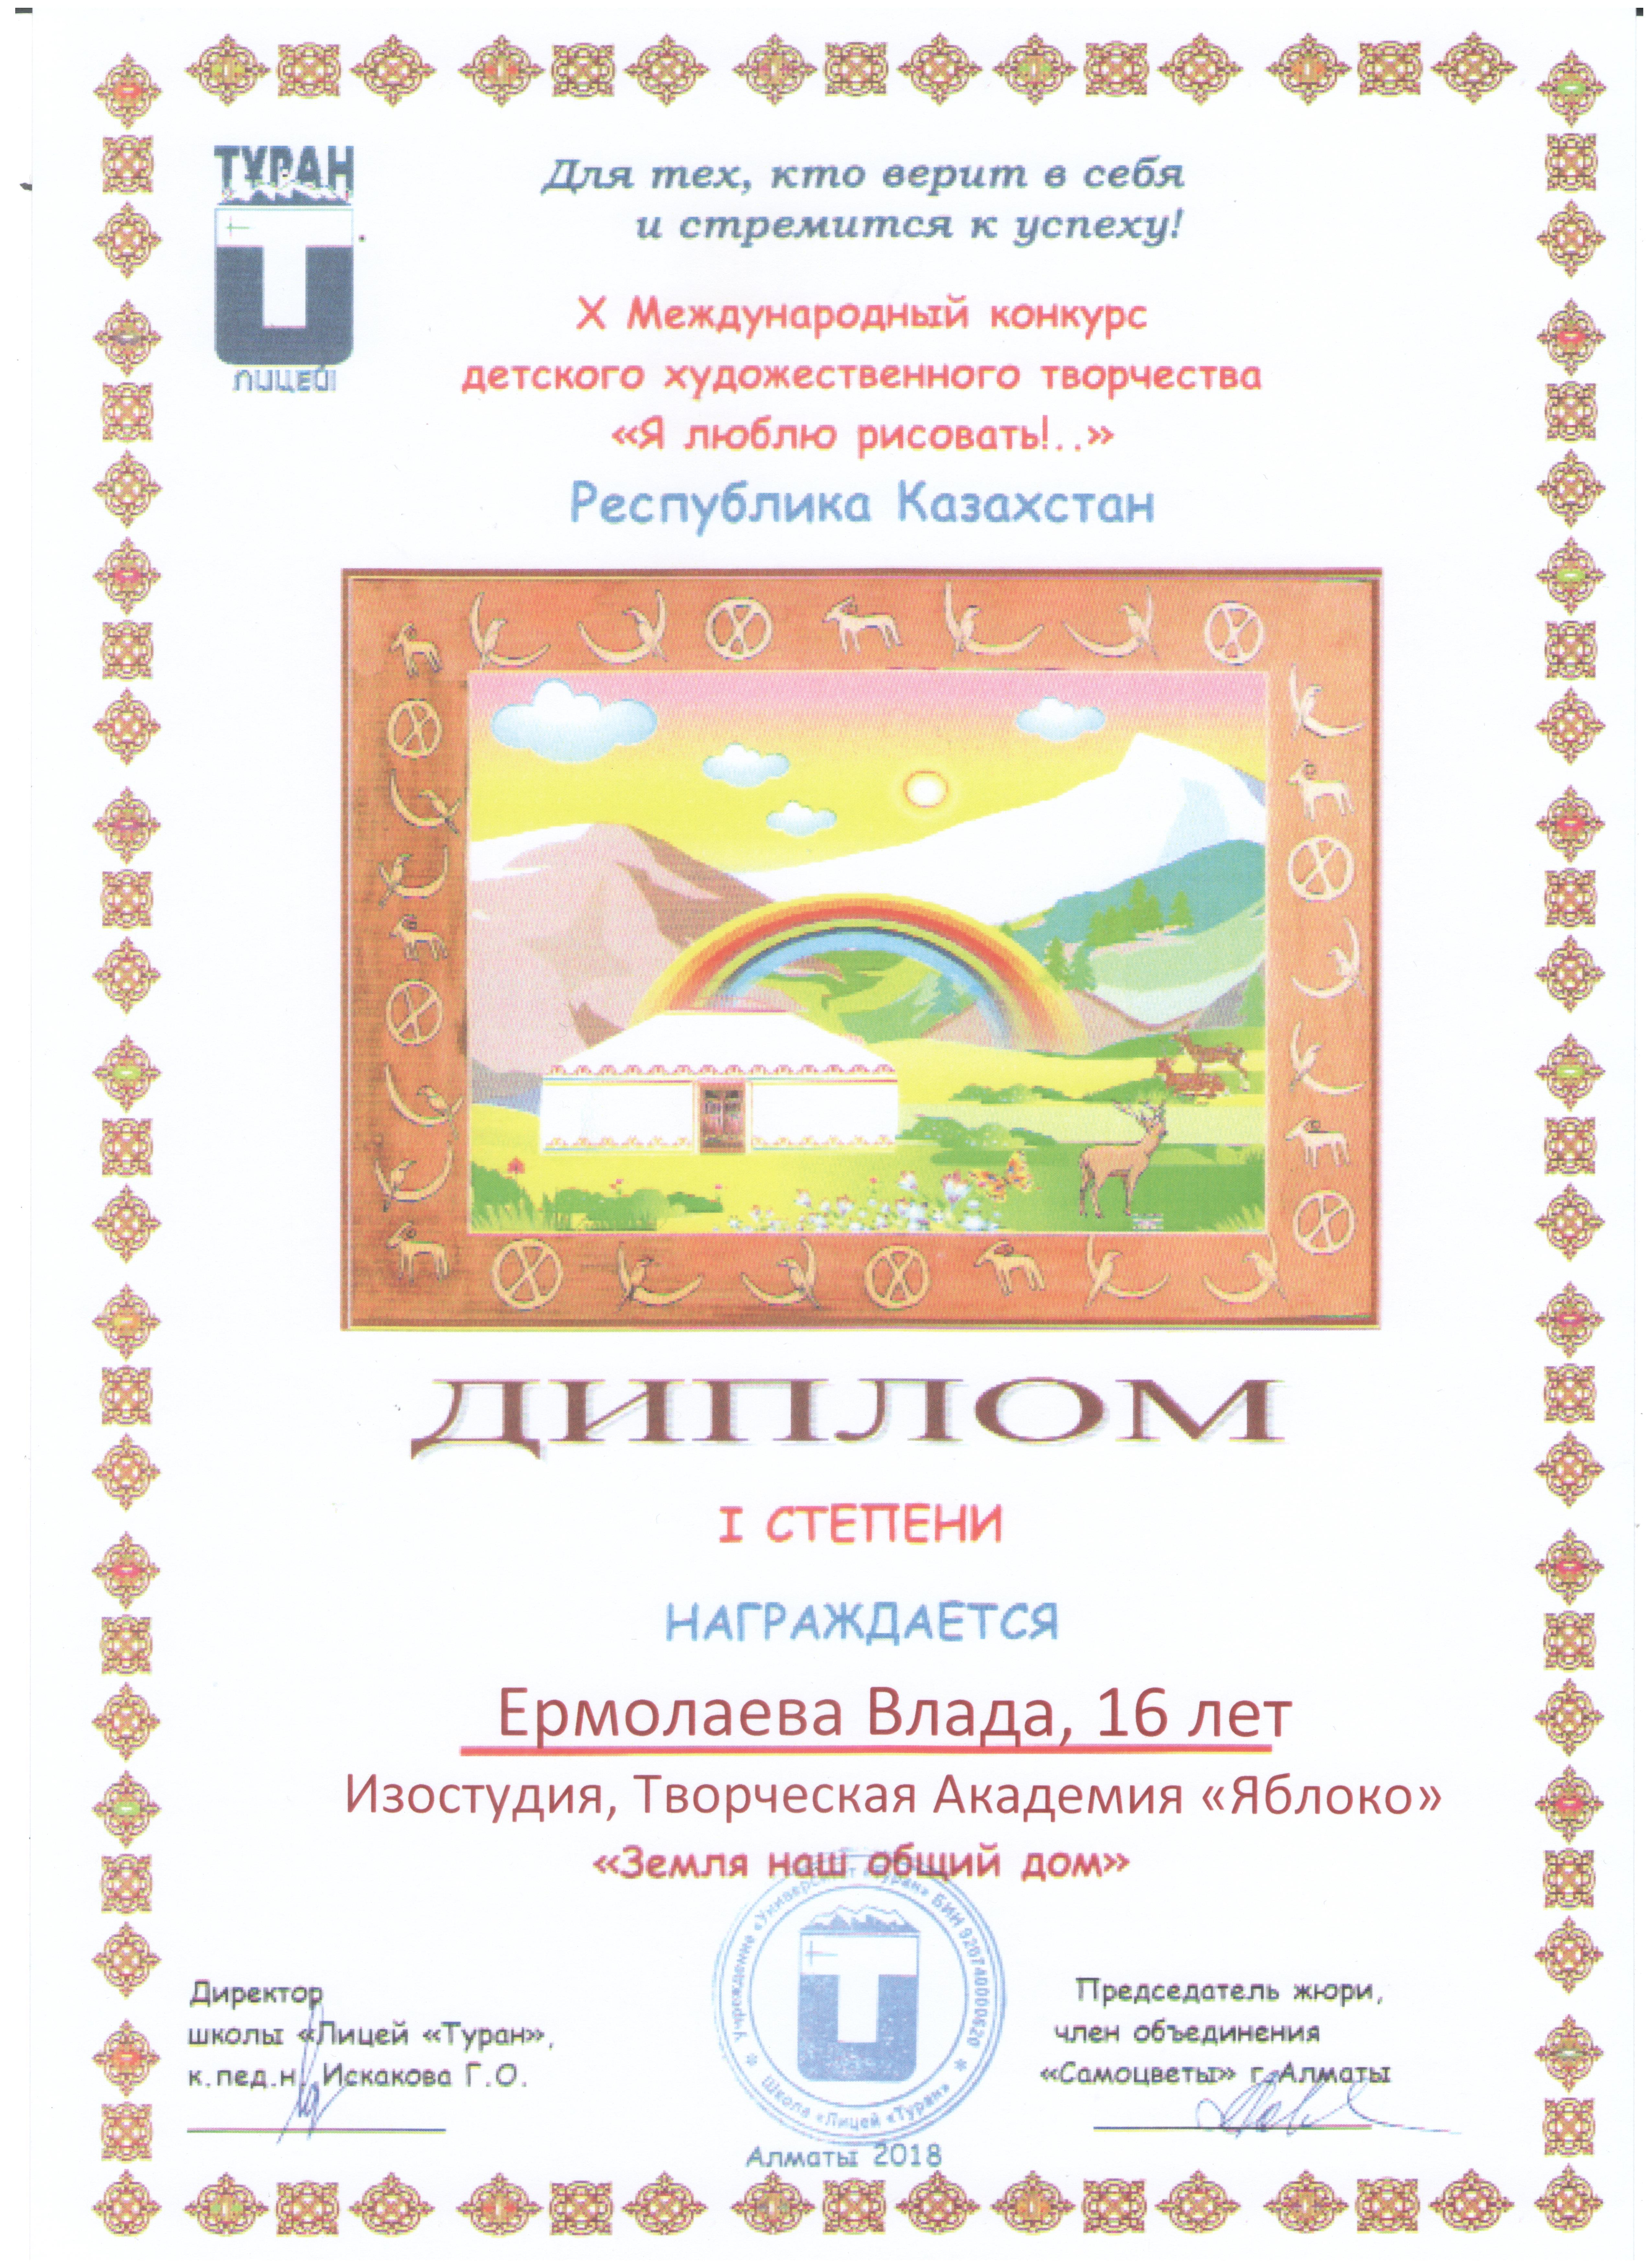 Ермолаева Влада, 16 лет